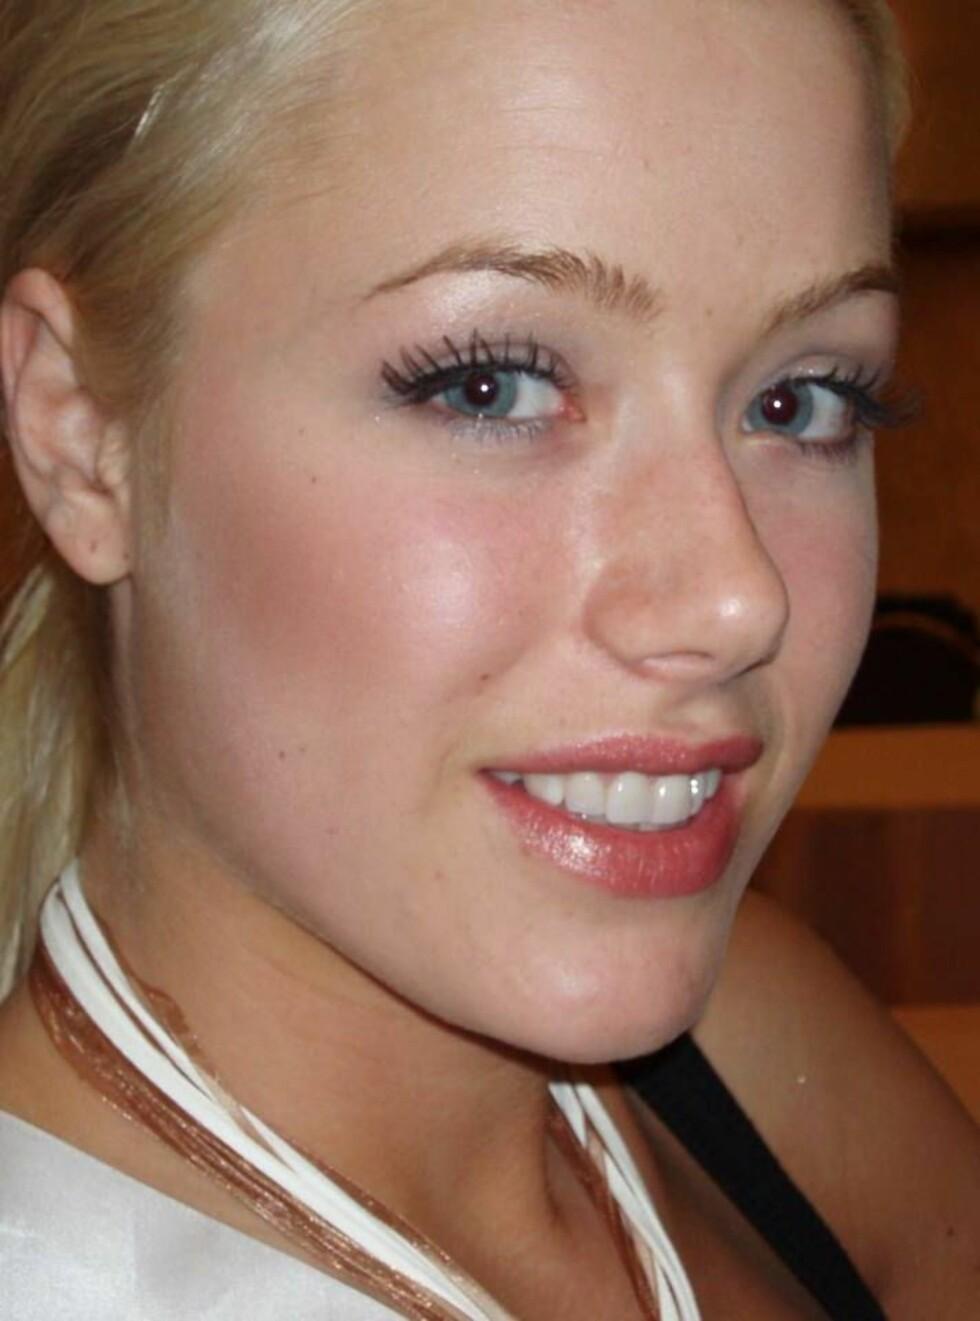 SKUFFET: Norske Martine Jonassen nådde ikke opp til finalerundene i nattens Miss Universe.